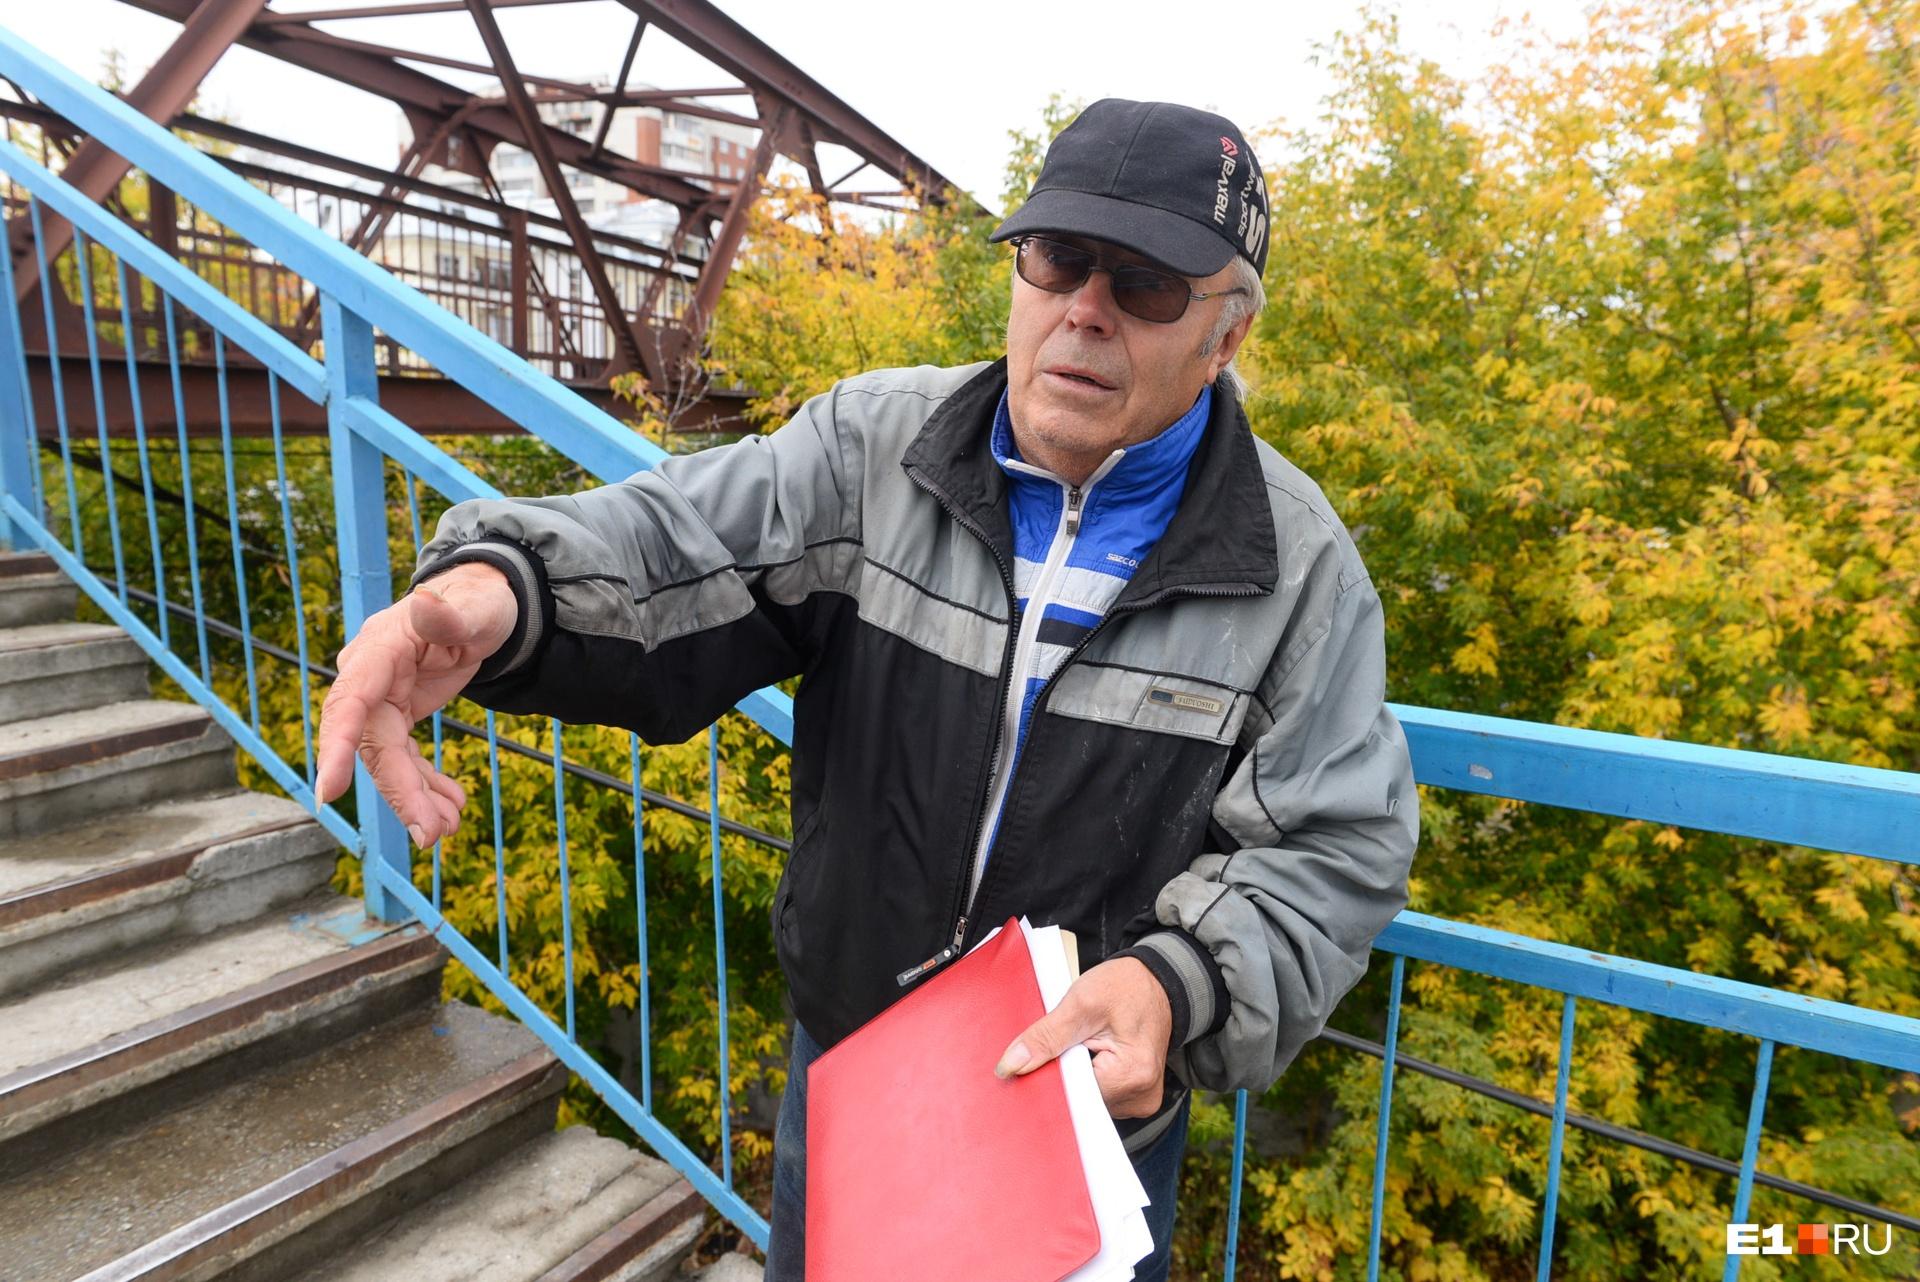 Владимир Матюшенко говорит, что за взрыв так никого и не наказали, весь ущерб посчитать не смогли, а пострадавшими признали многих жителей Свердловска